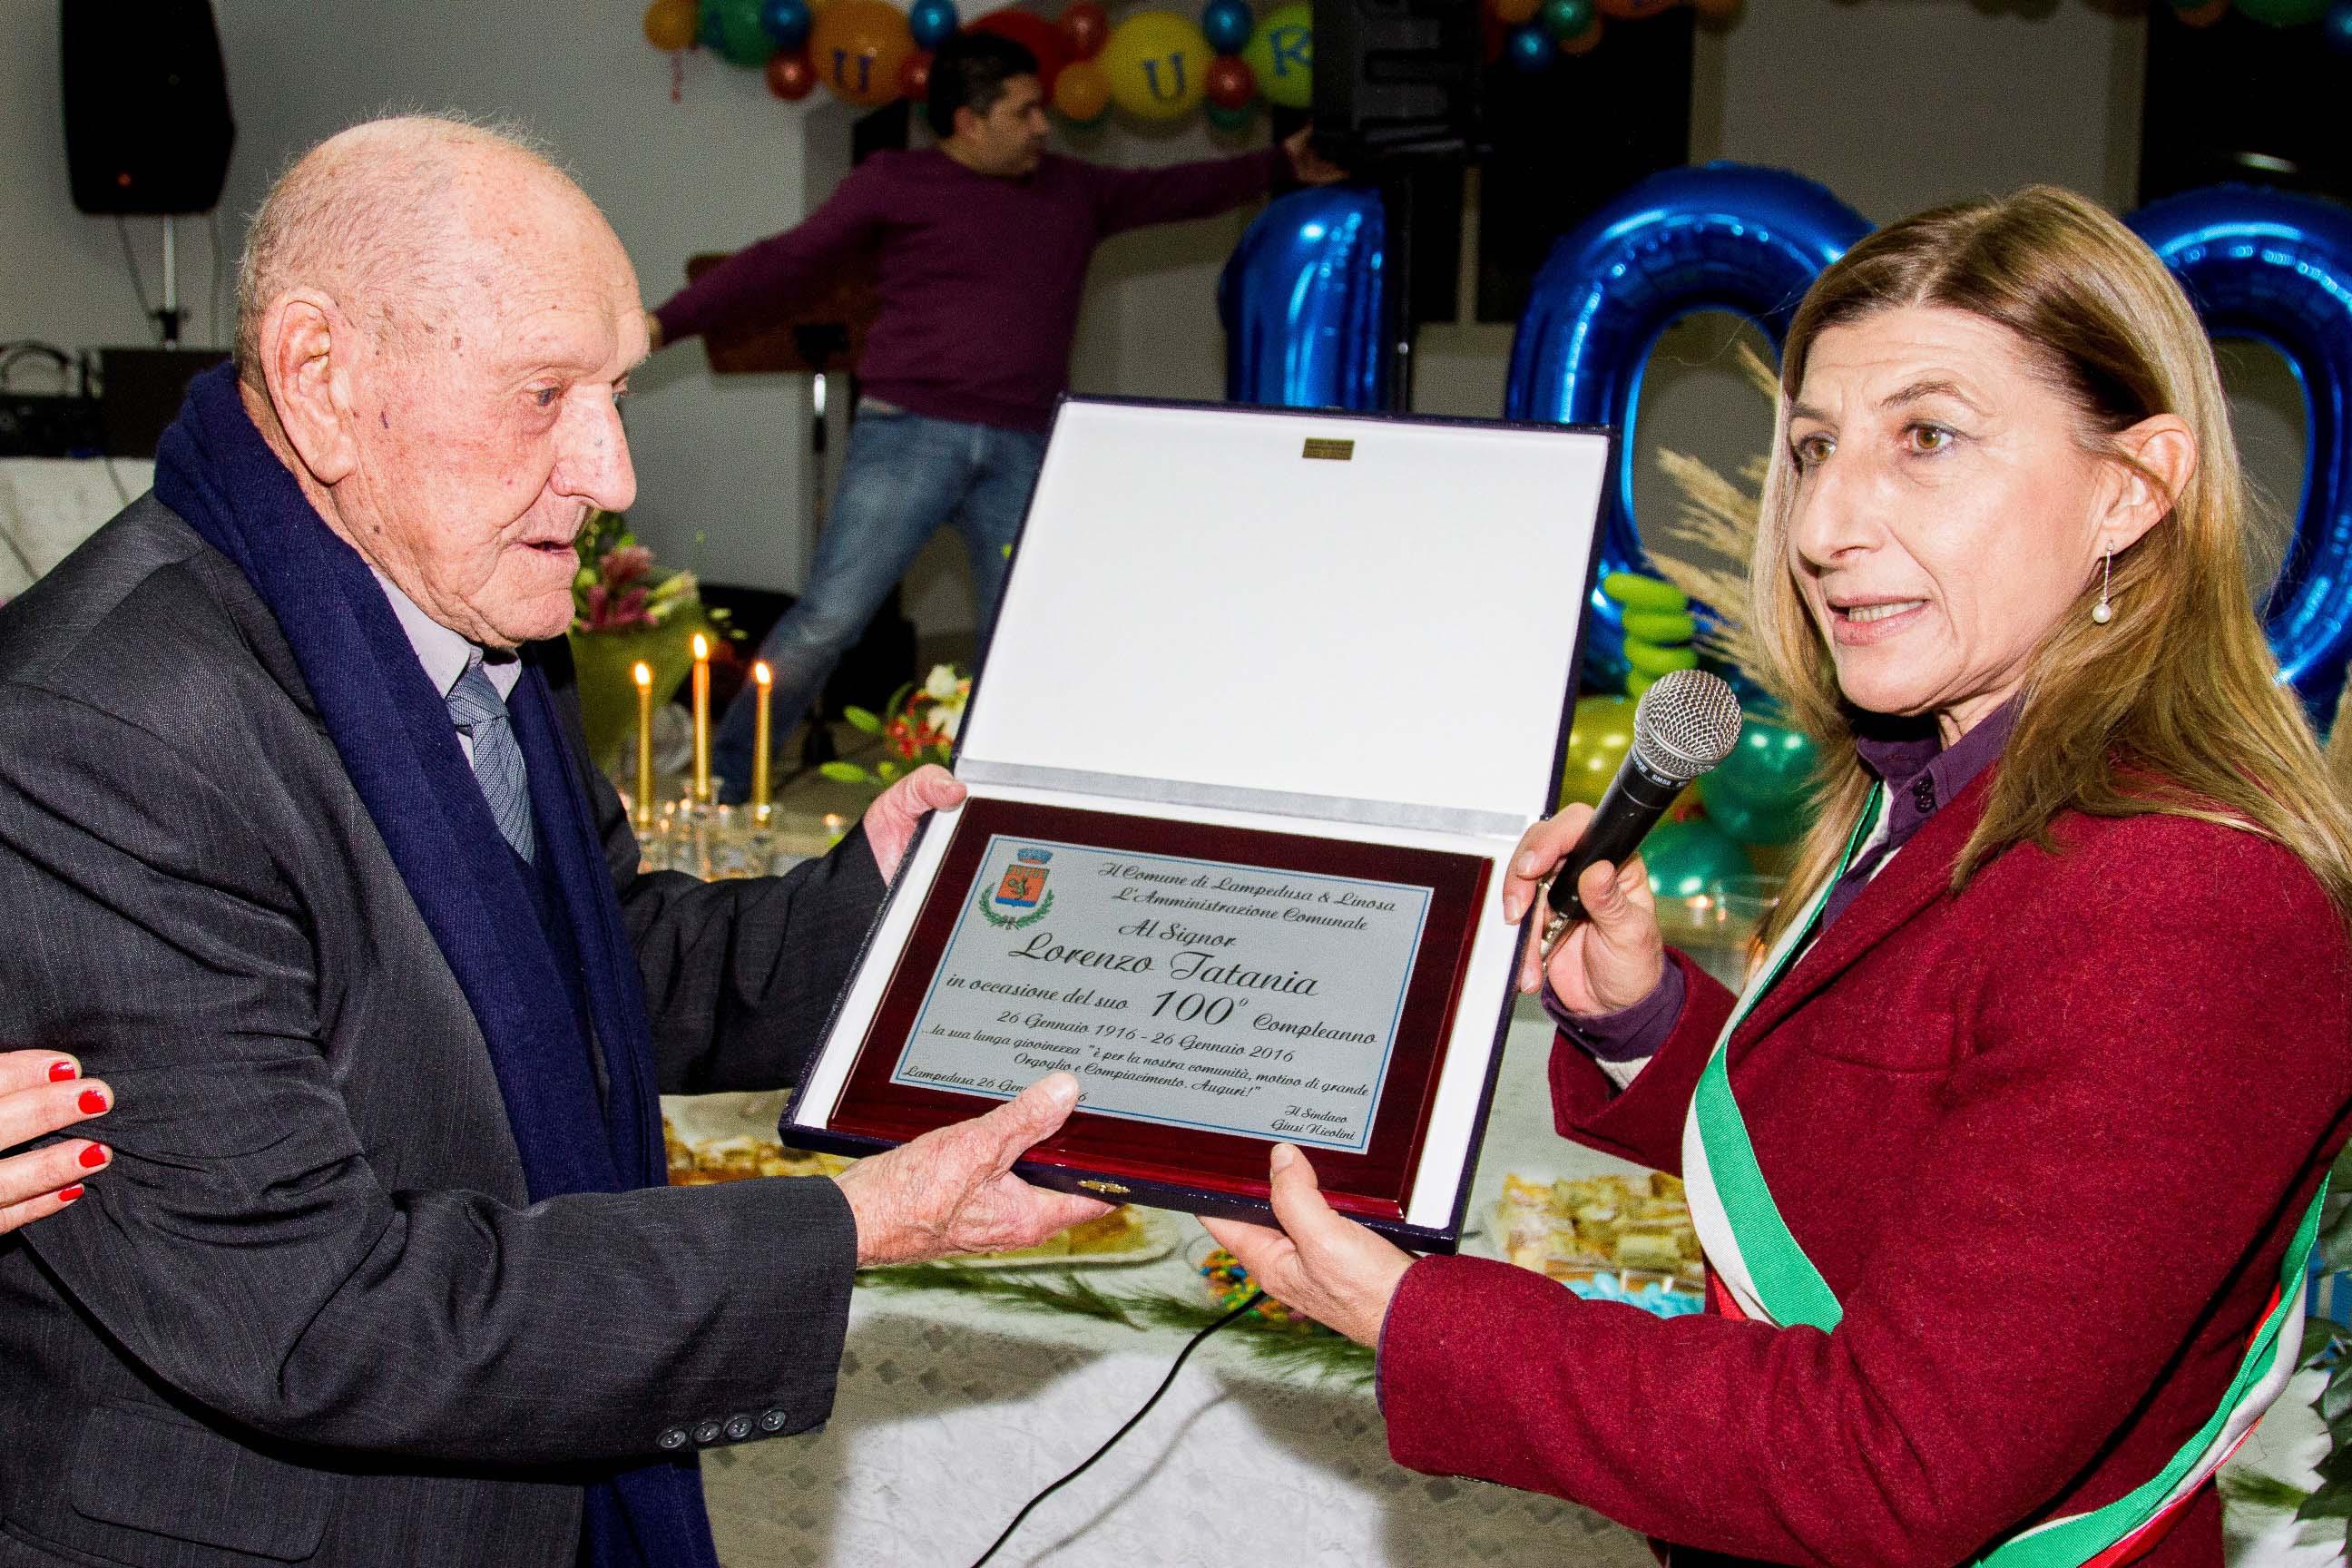 Giusi Nicolini consegna la targa a Lorenzo Tatania